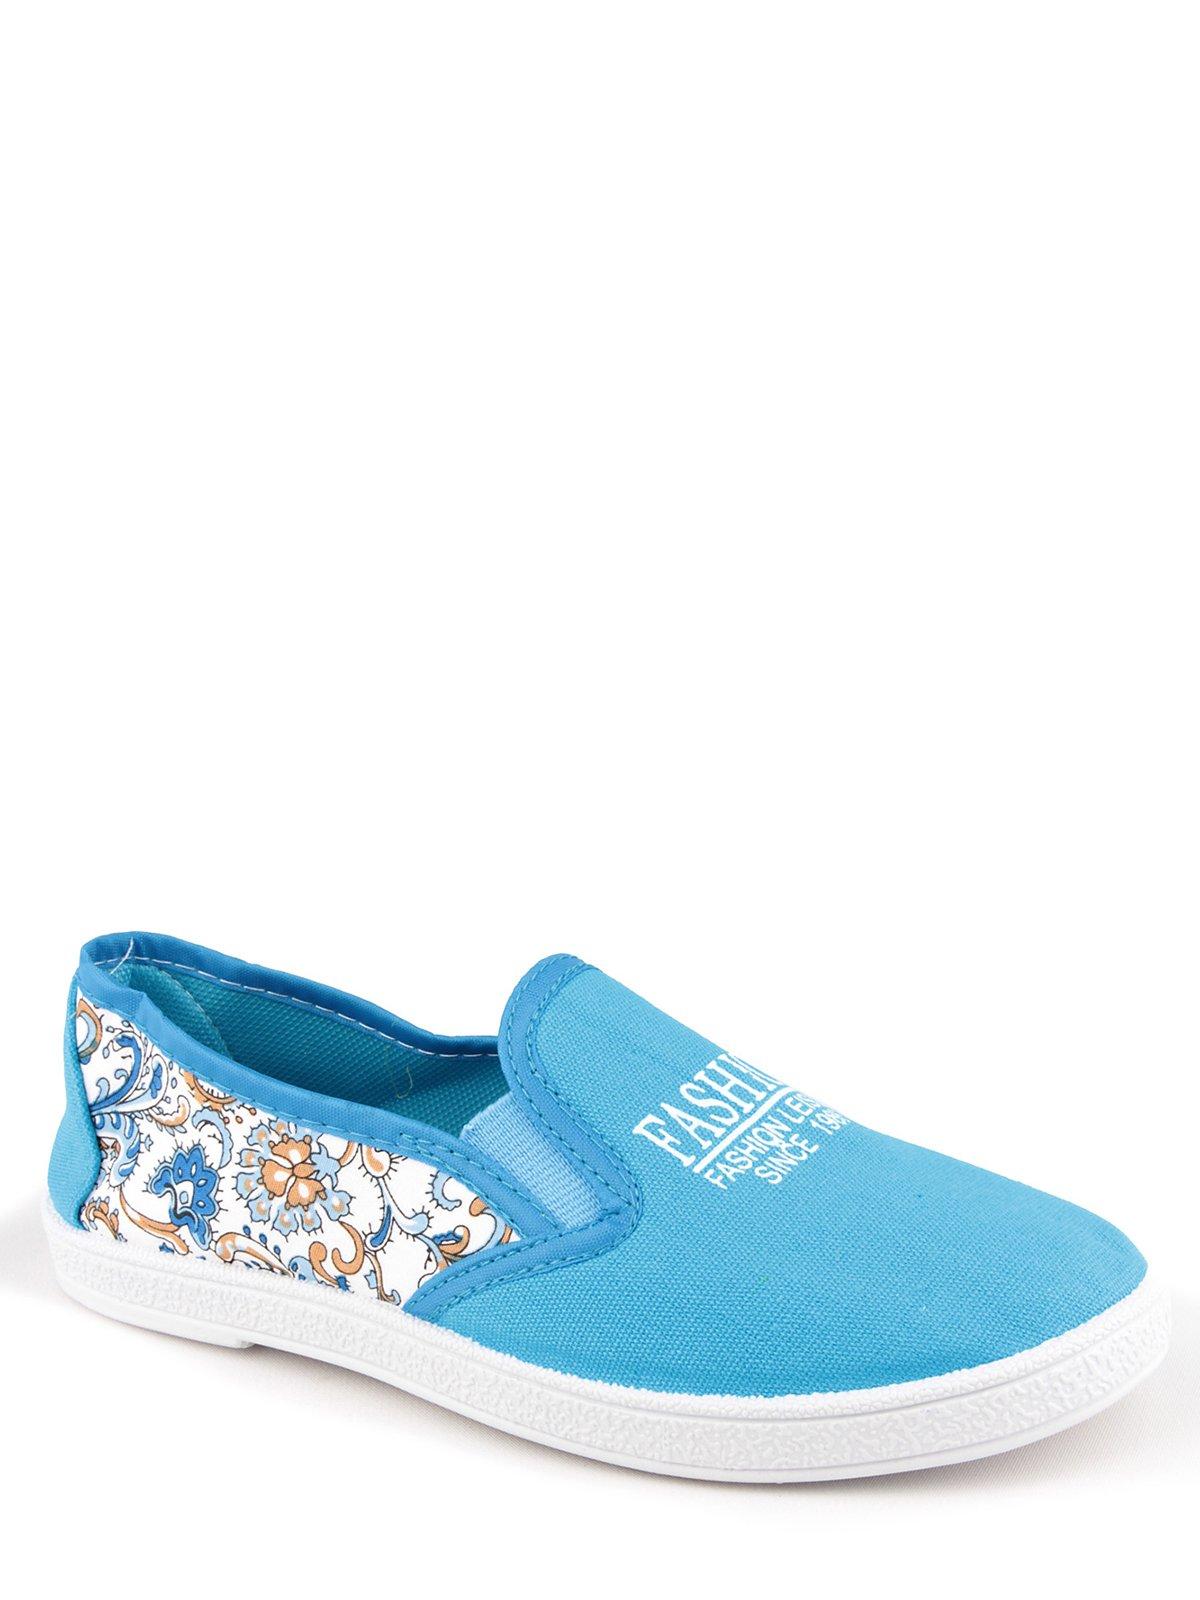 Слипоны голубые с цветочным принтом | 3170908